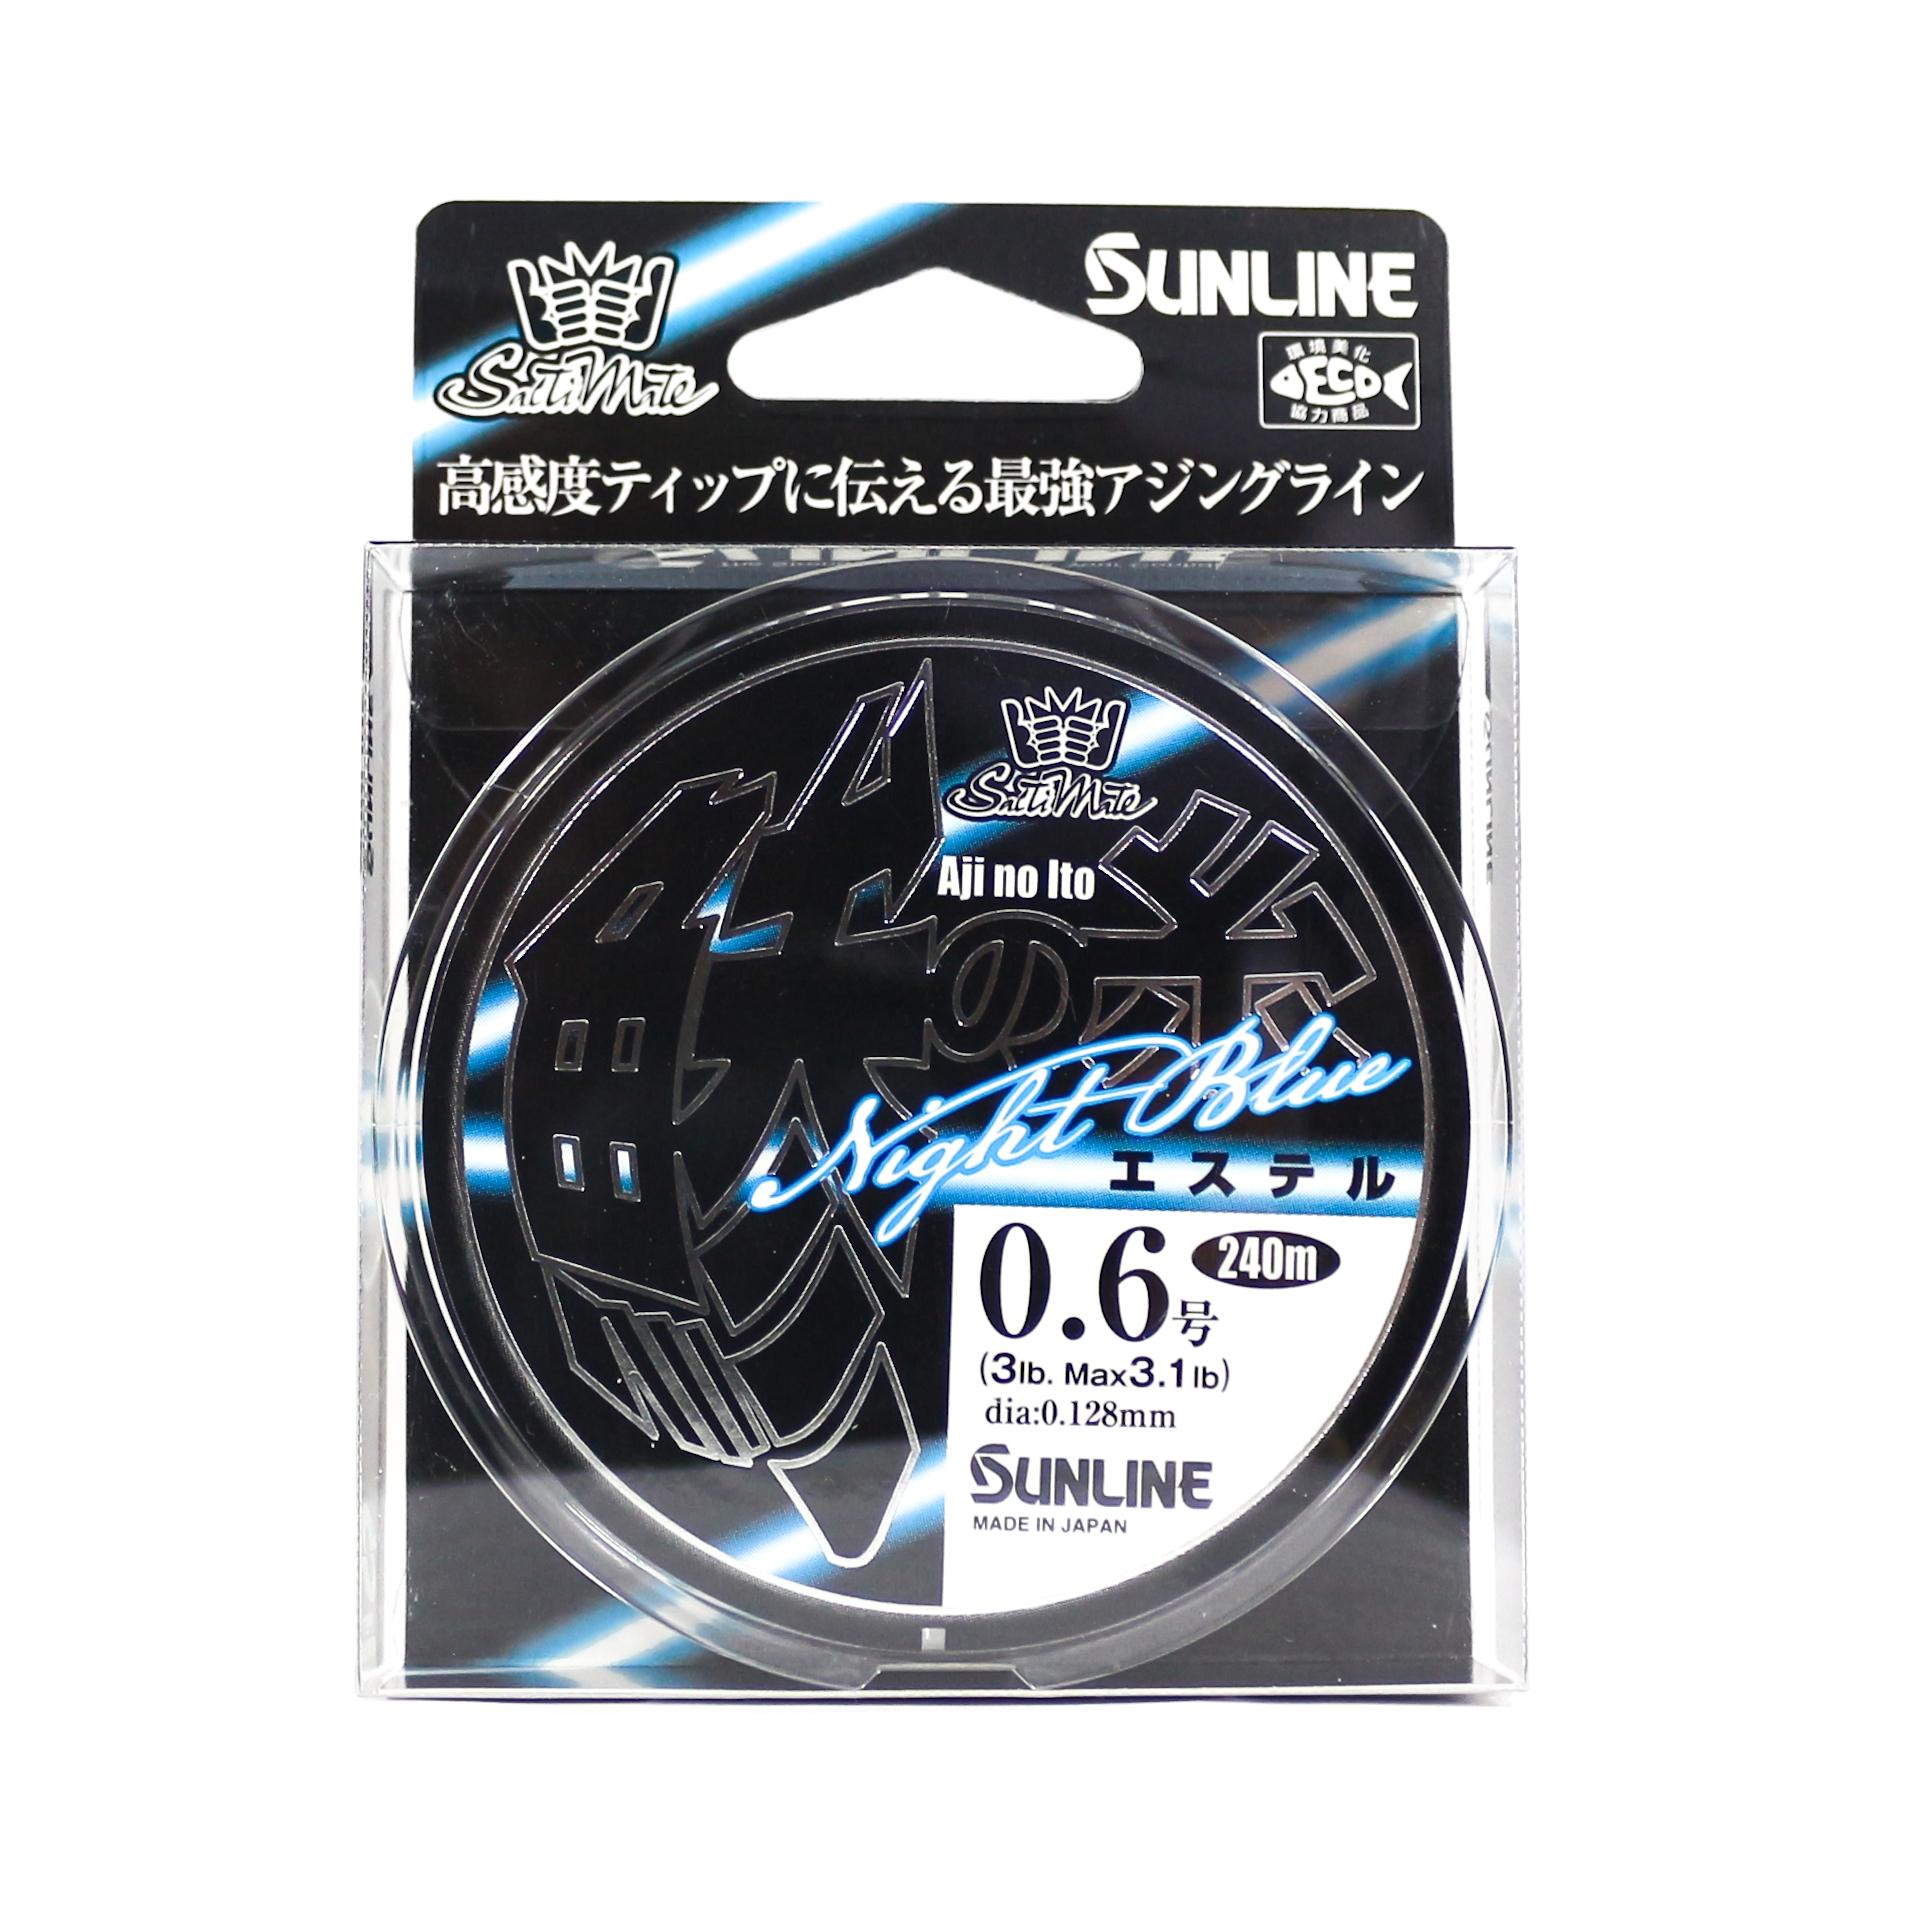 Sunline Ester Line Aji No Ito 240M 3 LB Night Blue (8416)